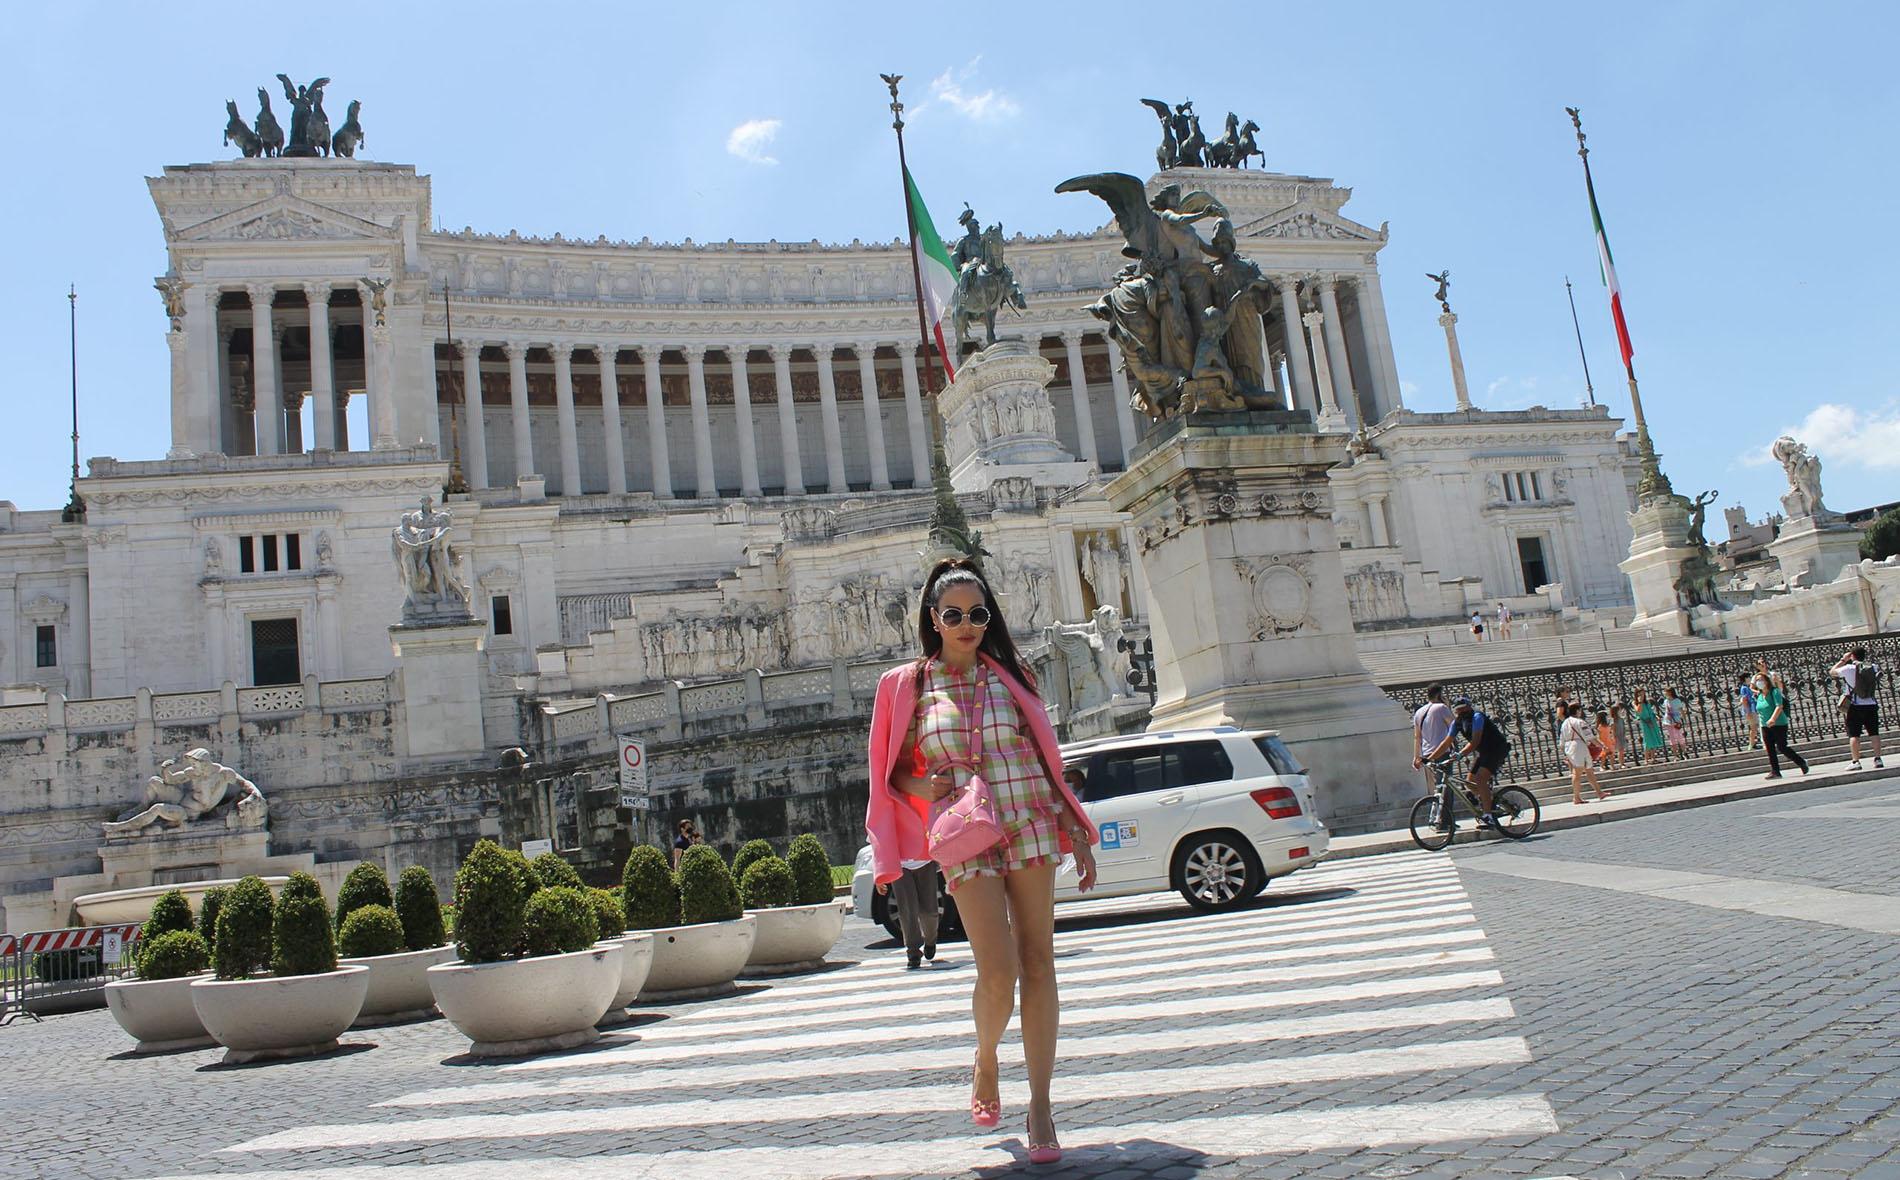 L'ALTARE DELLA PATRIA, IL MONUMENTO ICONA DELL'ITALIA